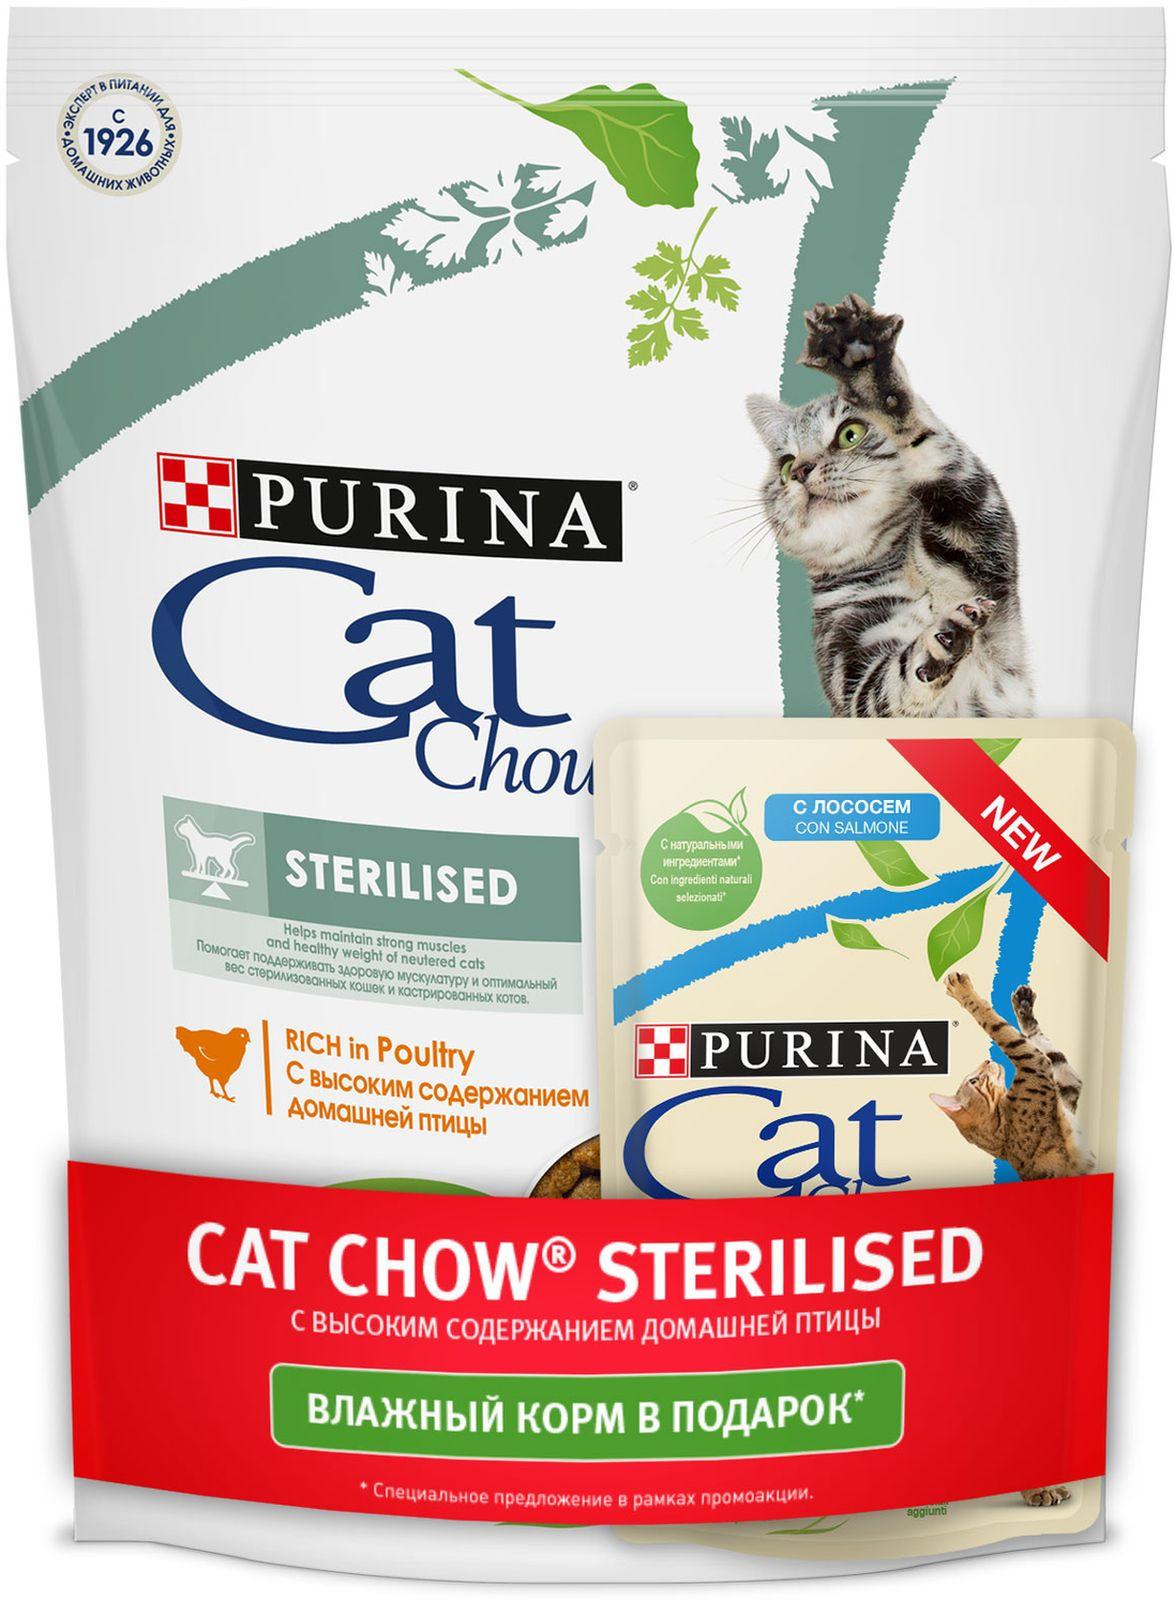 Корм сухой Cat Chow Sterilised, для стерилизованных кошек и кастрированных котов, с домашней птицей, 400 г + Корм консервированный Cat Chow для кошек, с лососем, 85 г